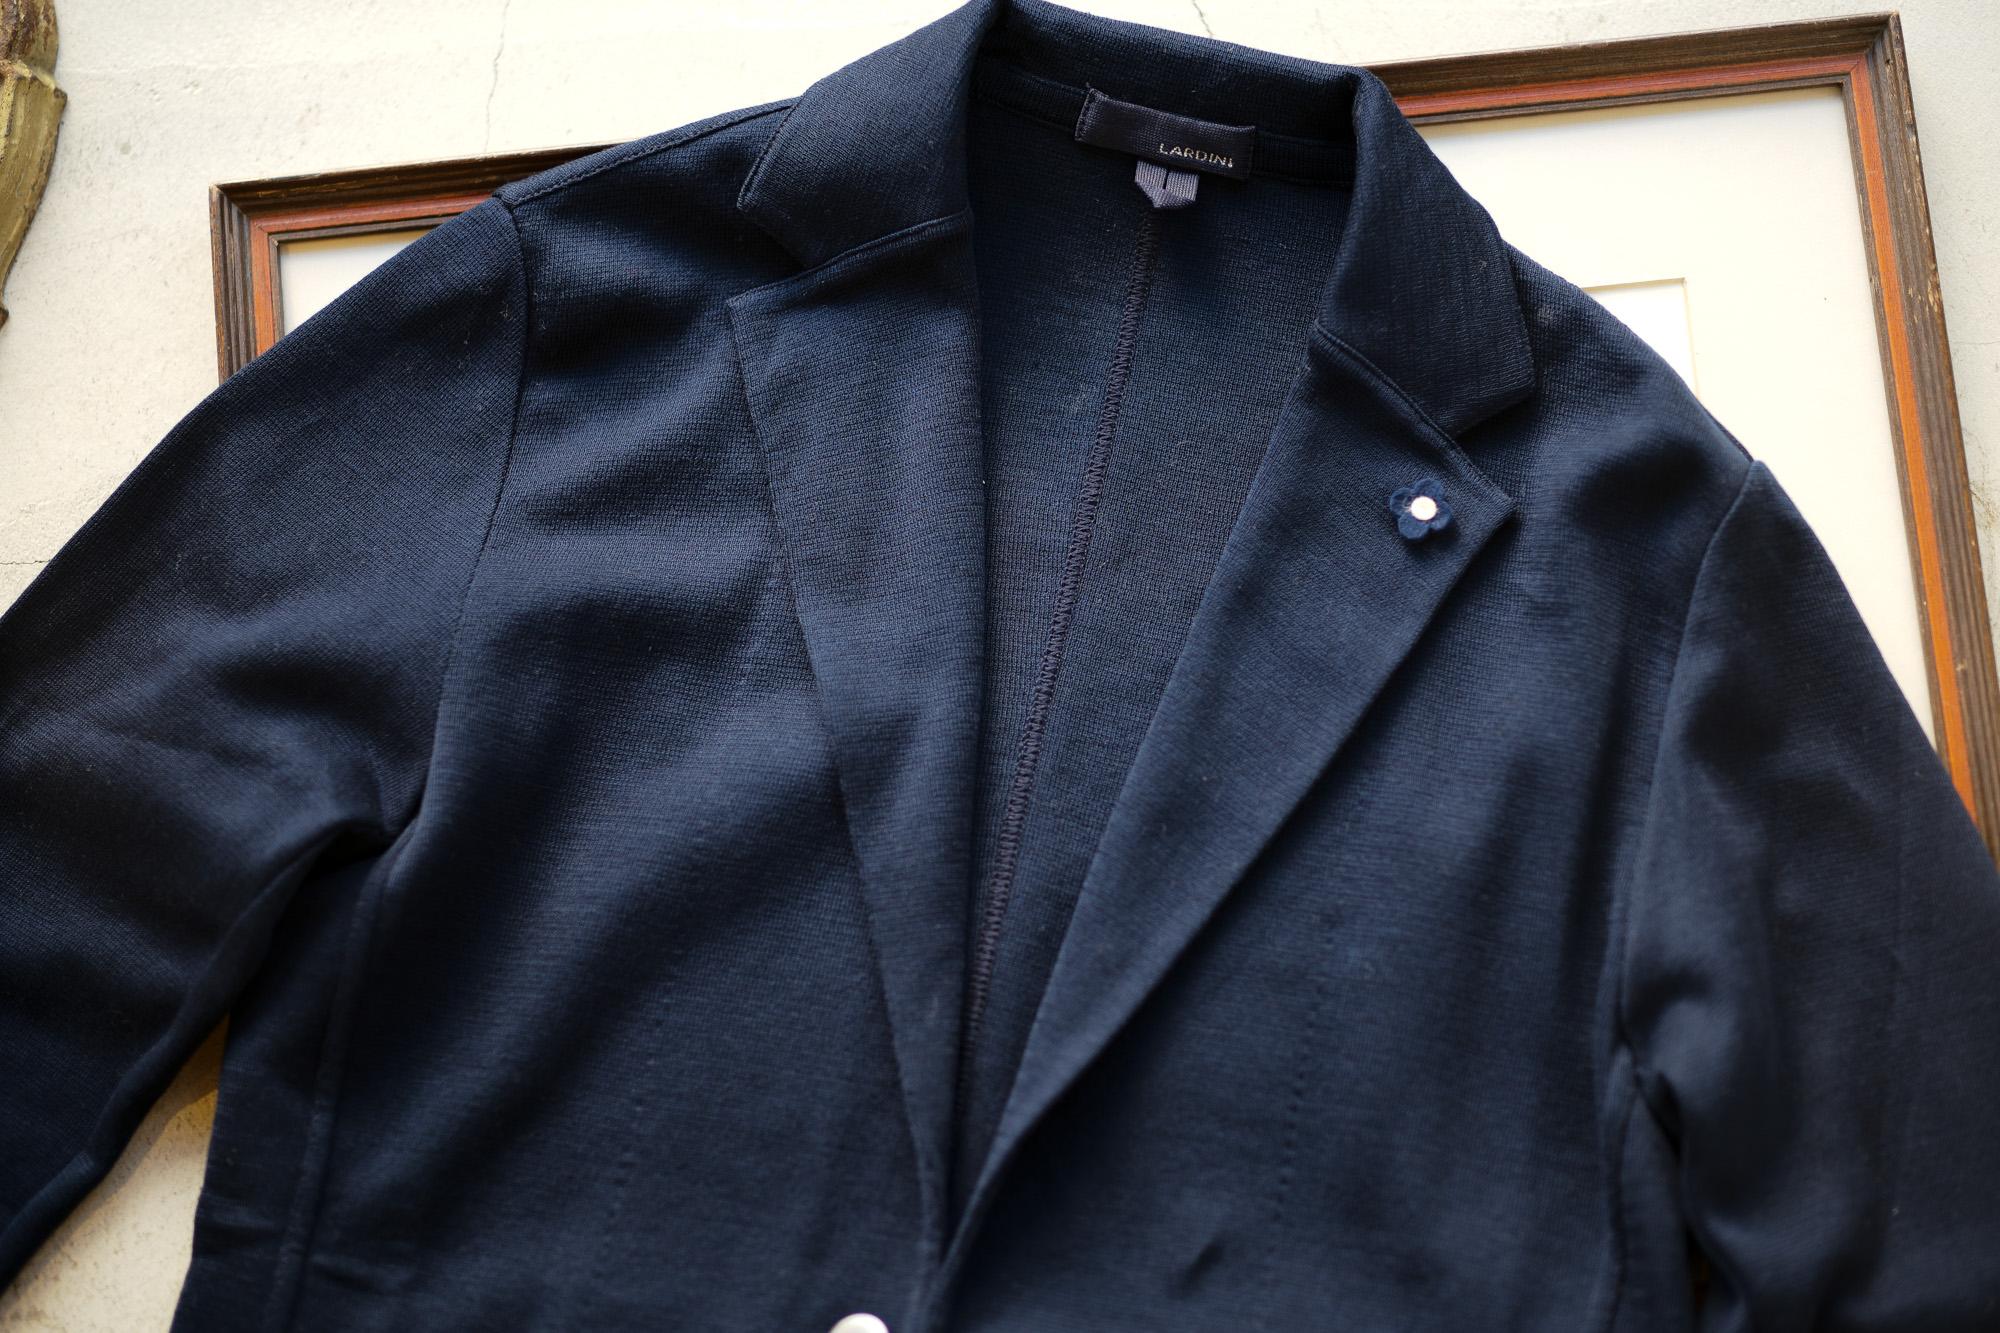 LARDINI (ラルディーニ) Milano Rib Knit Jacket (ミラノリブ ニット ジャケット) コットン ミラノリブ 2B ニットジャケット NAVY (ネイビー・850) Made in italy (イタリア製) 2019 春夏新作 愛知 名古屋 alto e diritto アルトエデリット